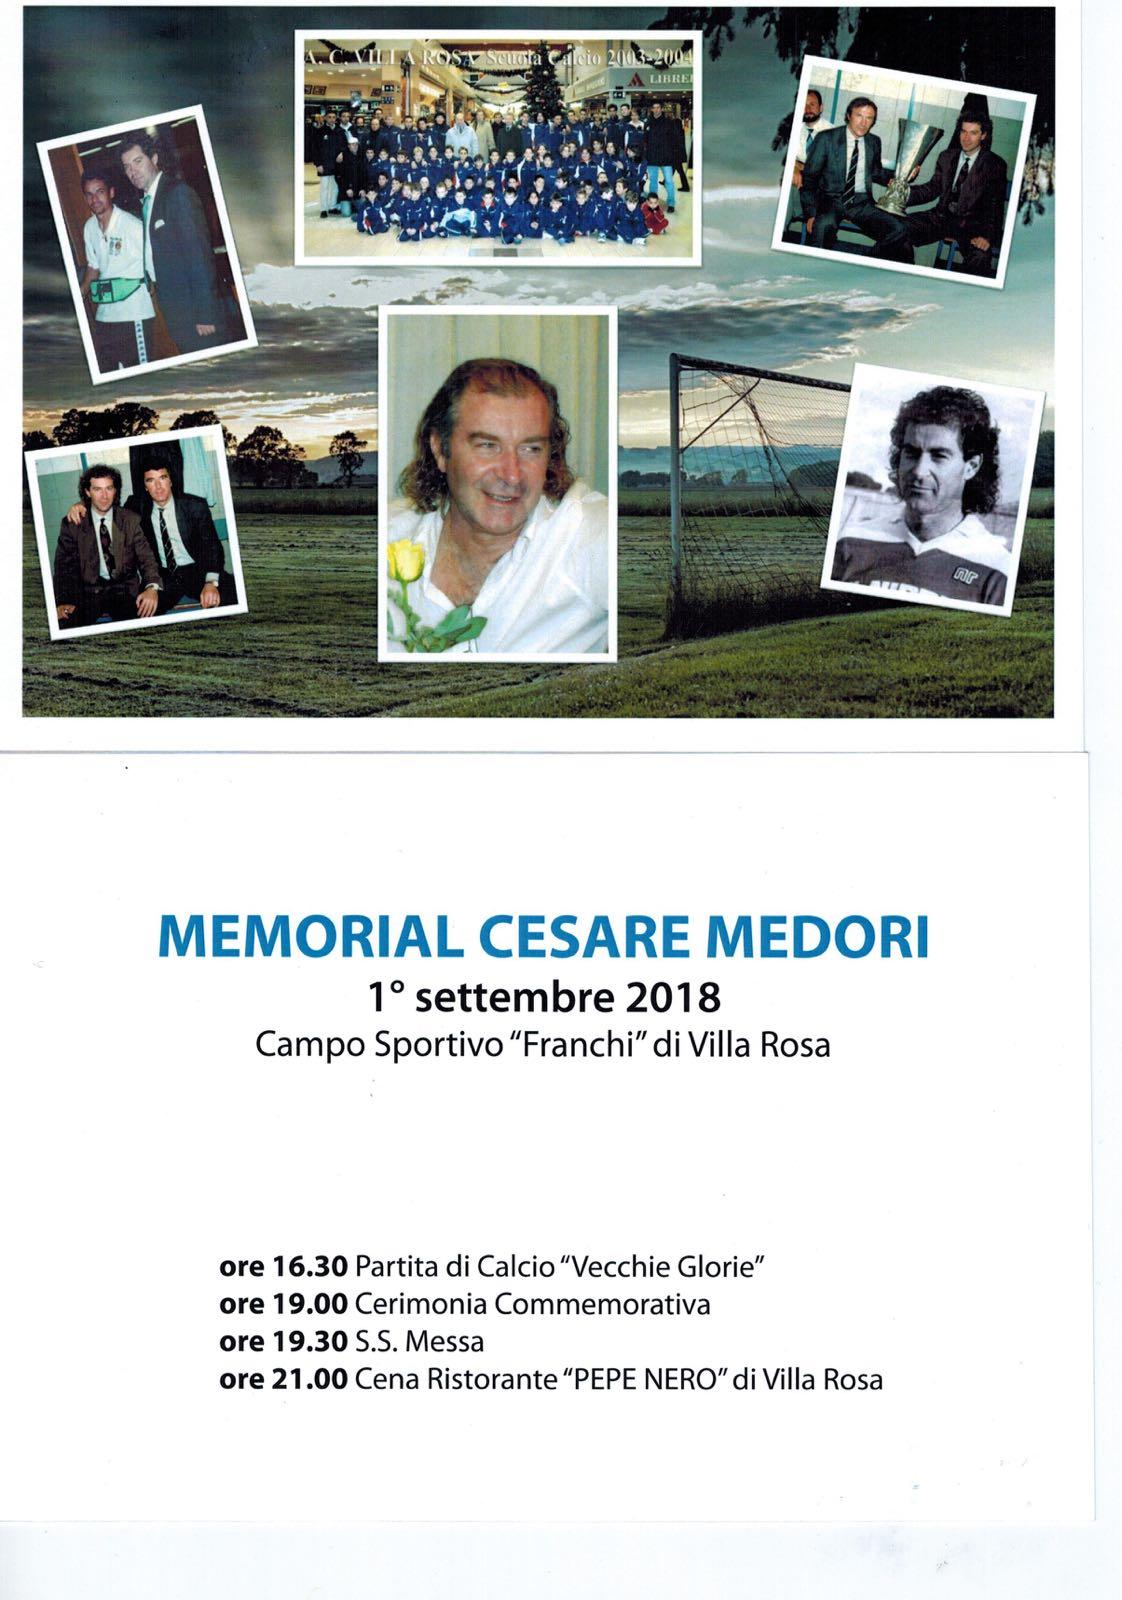 Martinsicuro Calcio.Domani (1° settembre 2018) a Villa Rosa